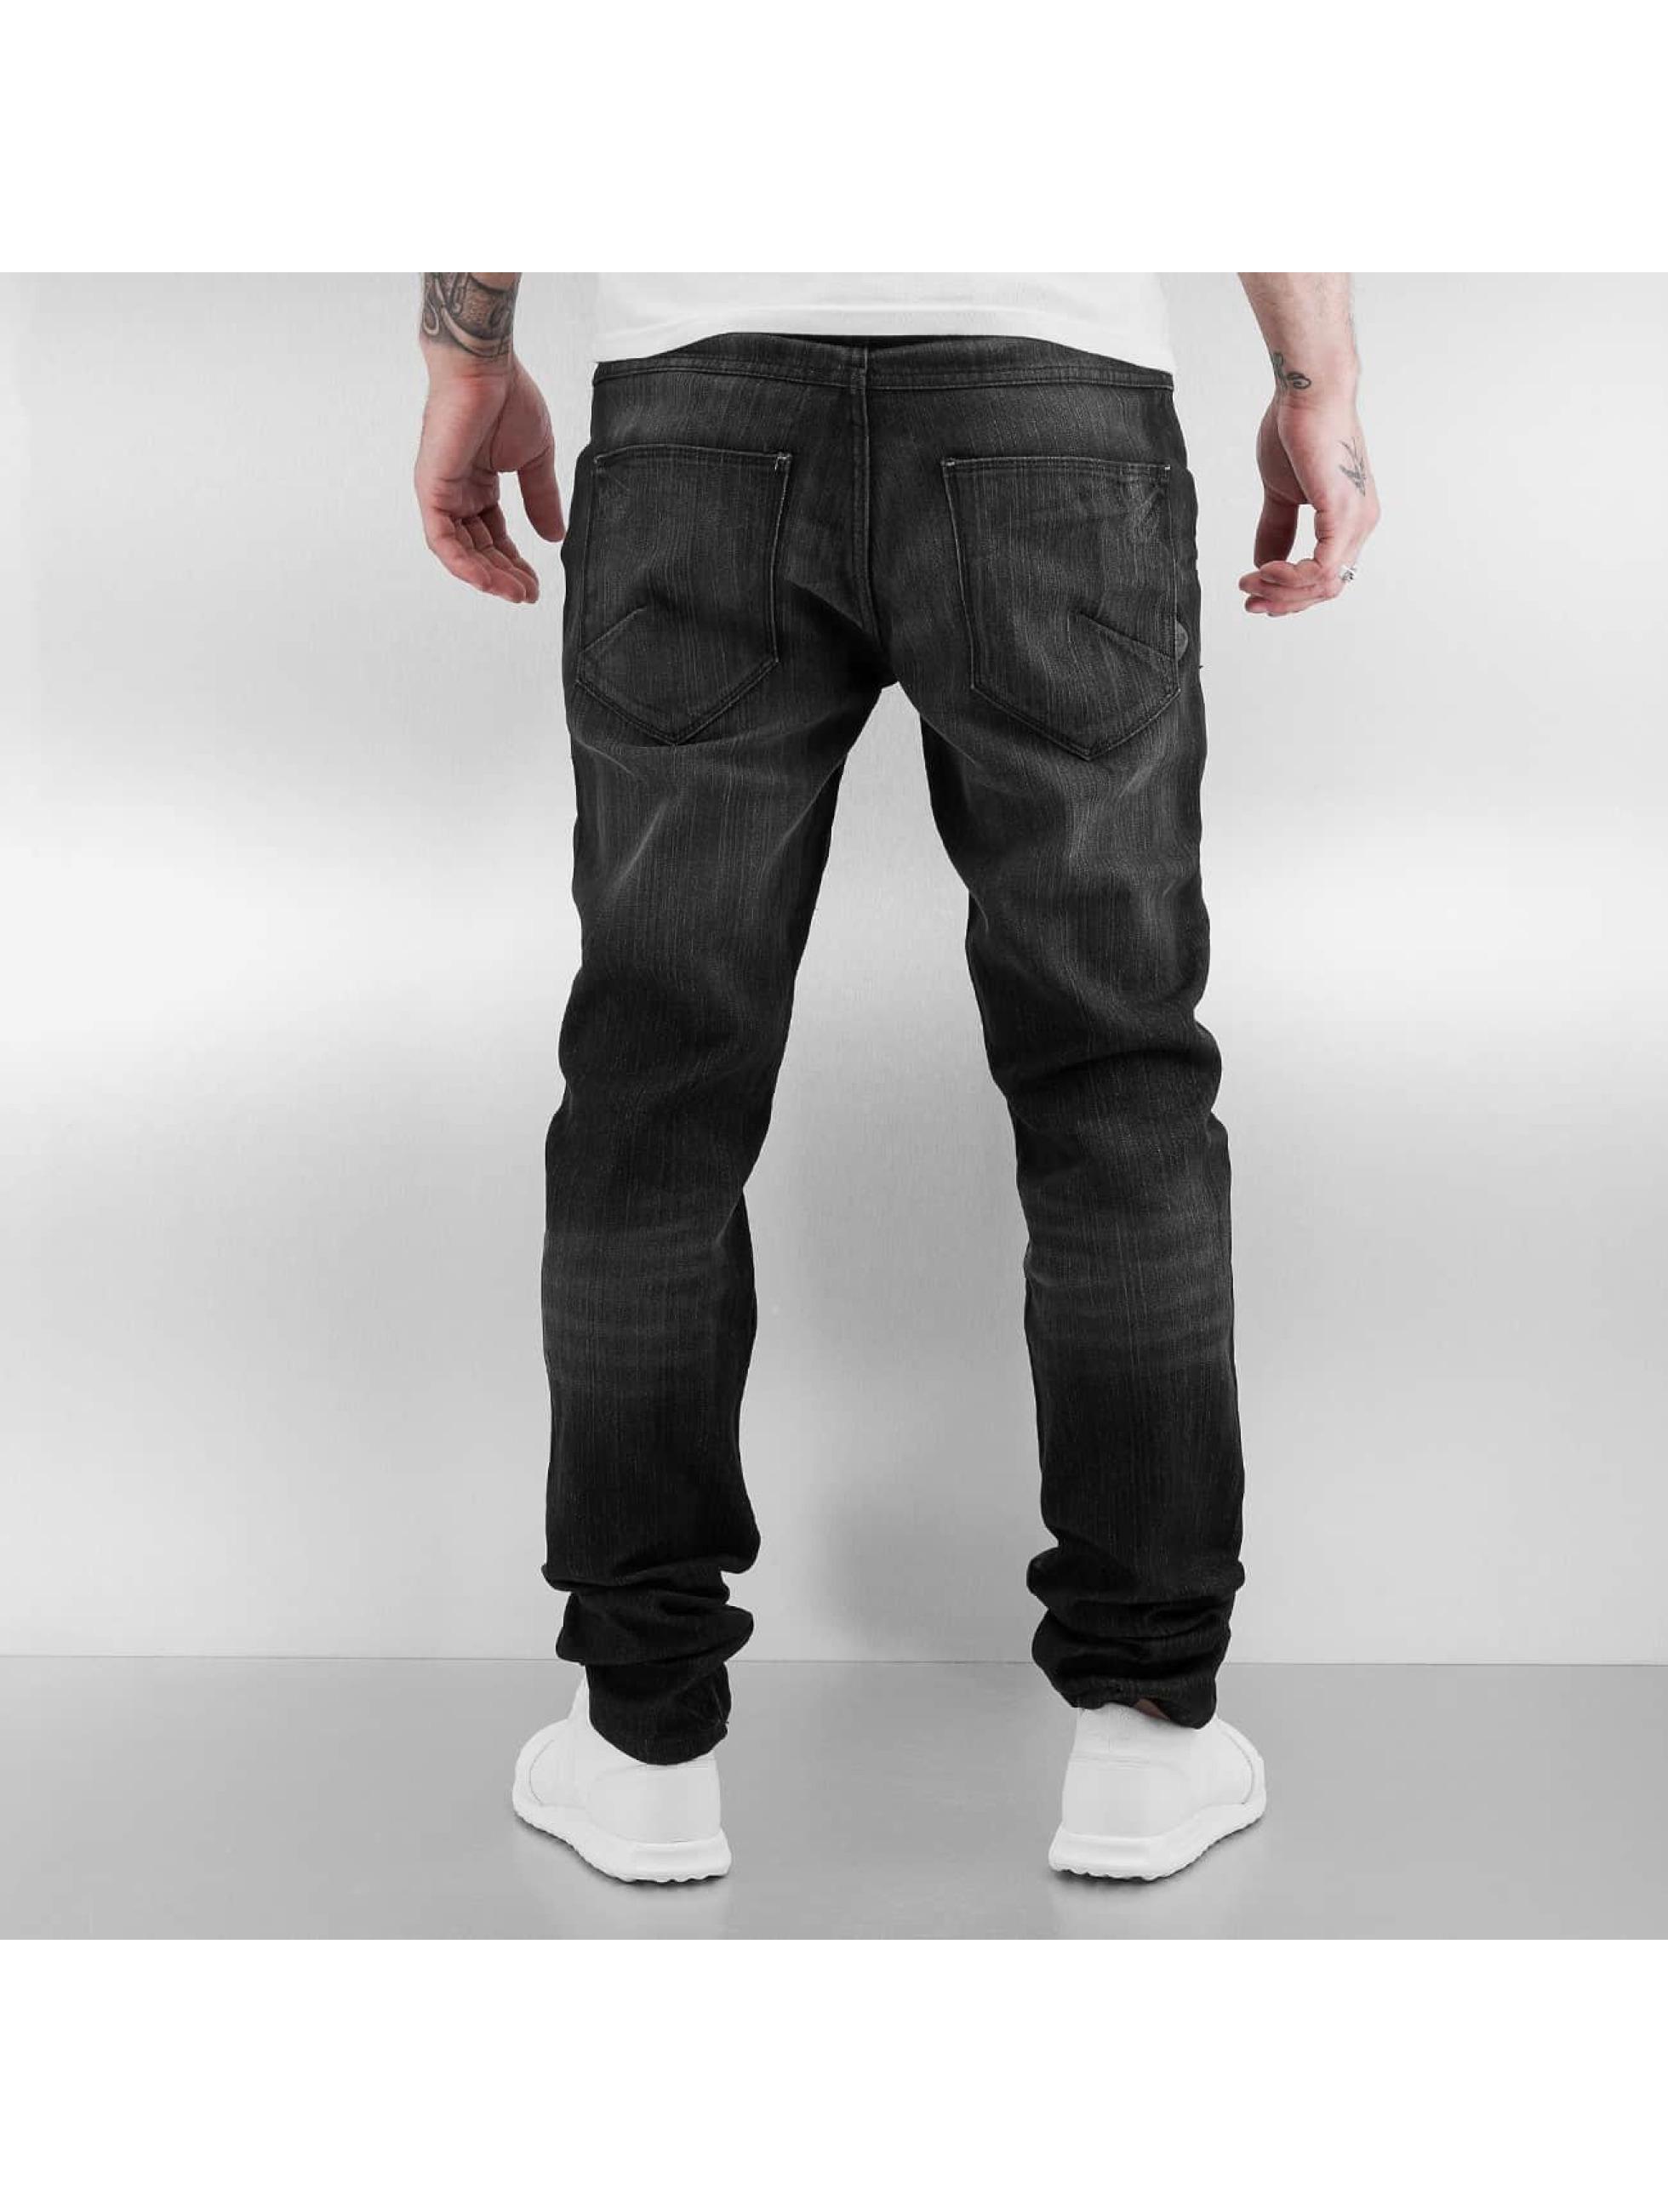 Solid Облегающие джинсы Joy Stretch черный